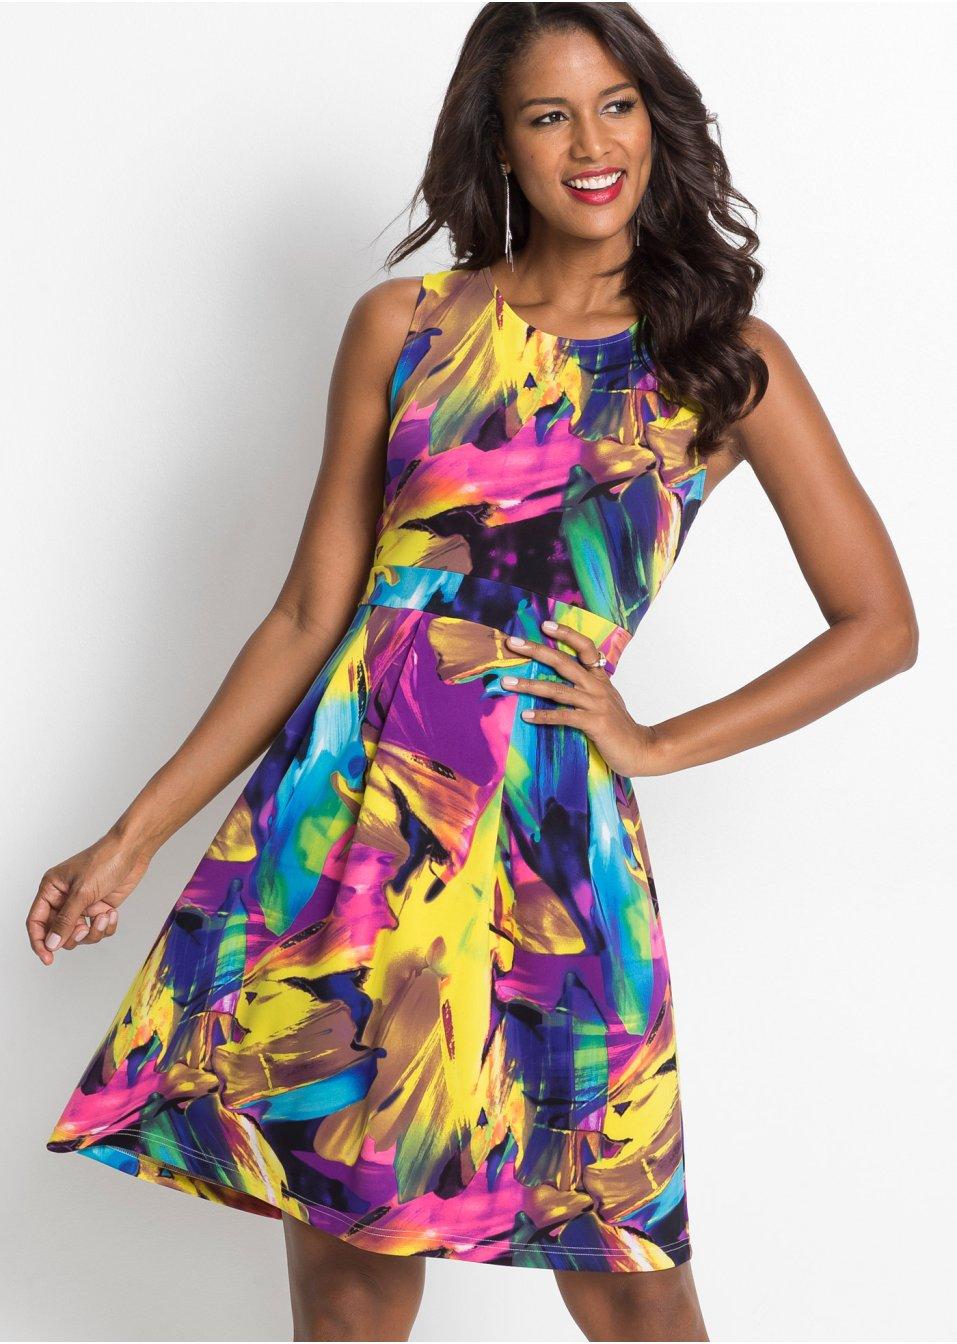 Mode Femme Vêtements DJLfdOFlkj Robe à imprimé multicolore jaune/fuchsia/bleu imprimé BODYFLIRT boutique acheter online .fr